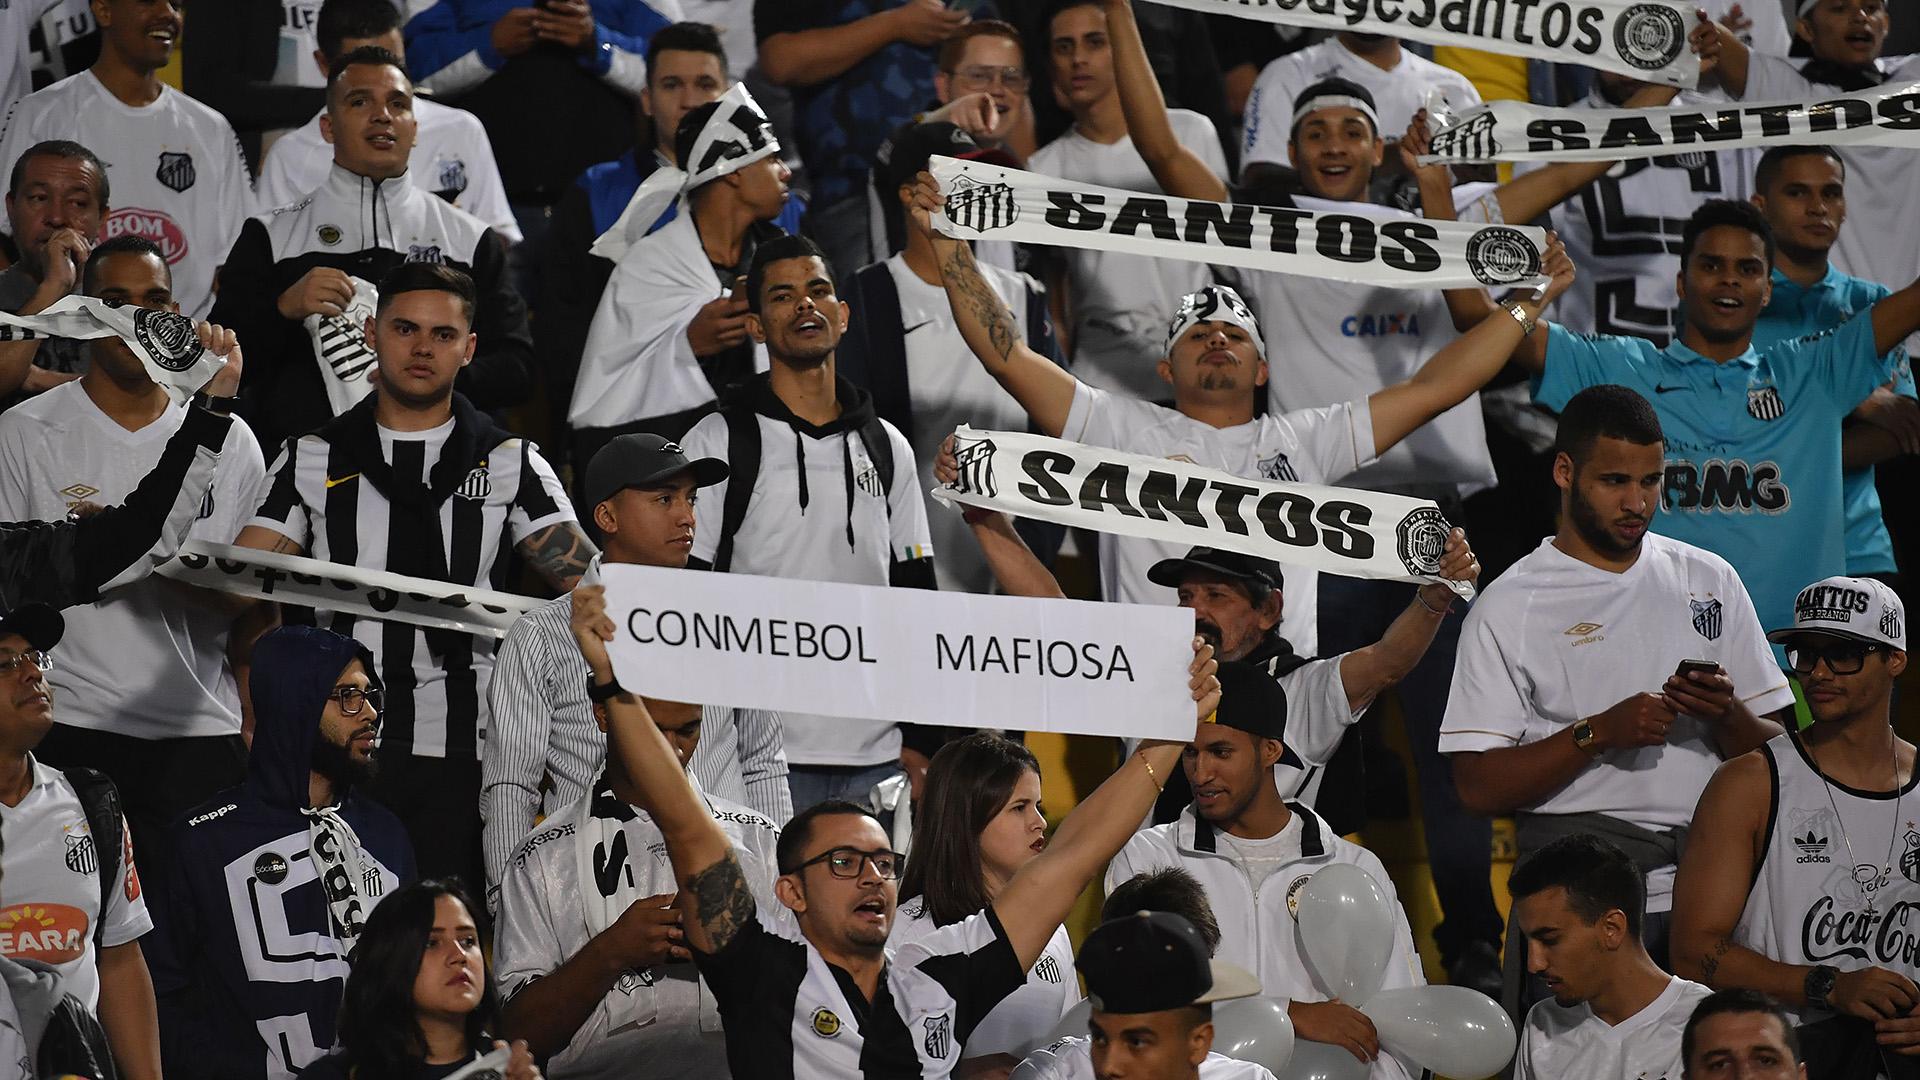 Torcida Santos Independiente Copa Libertadores 28082018